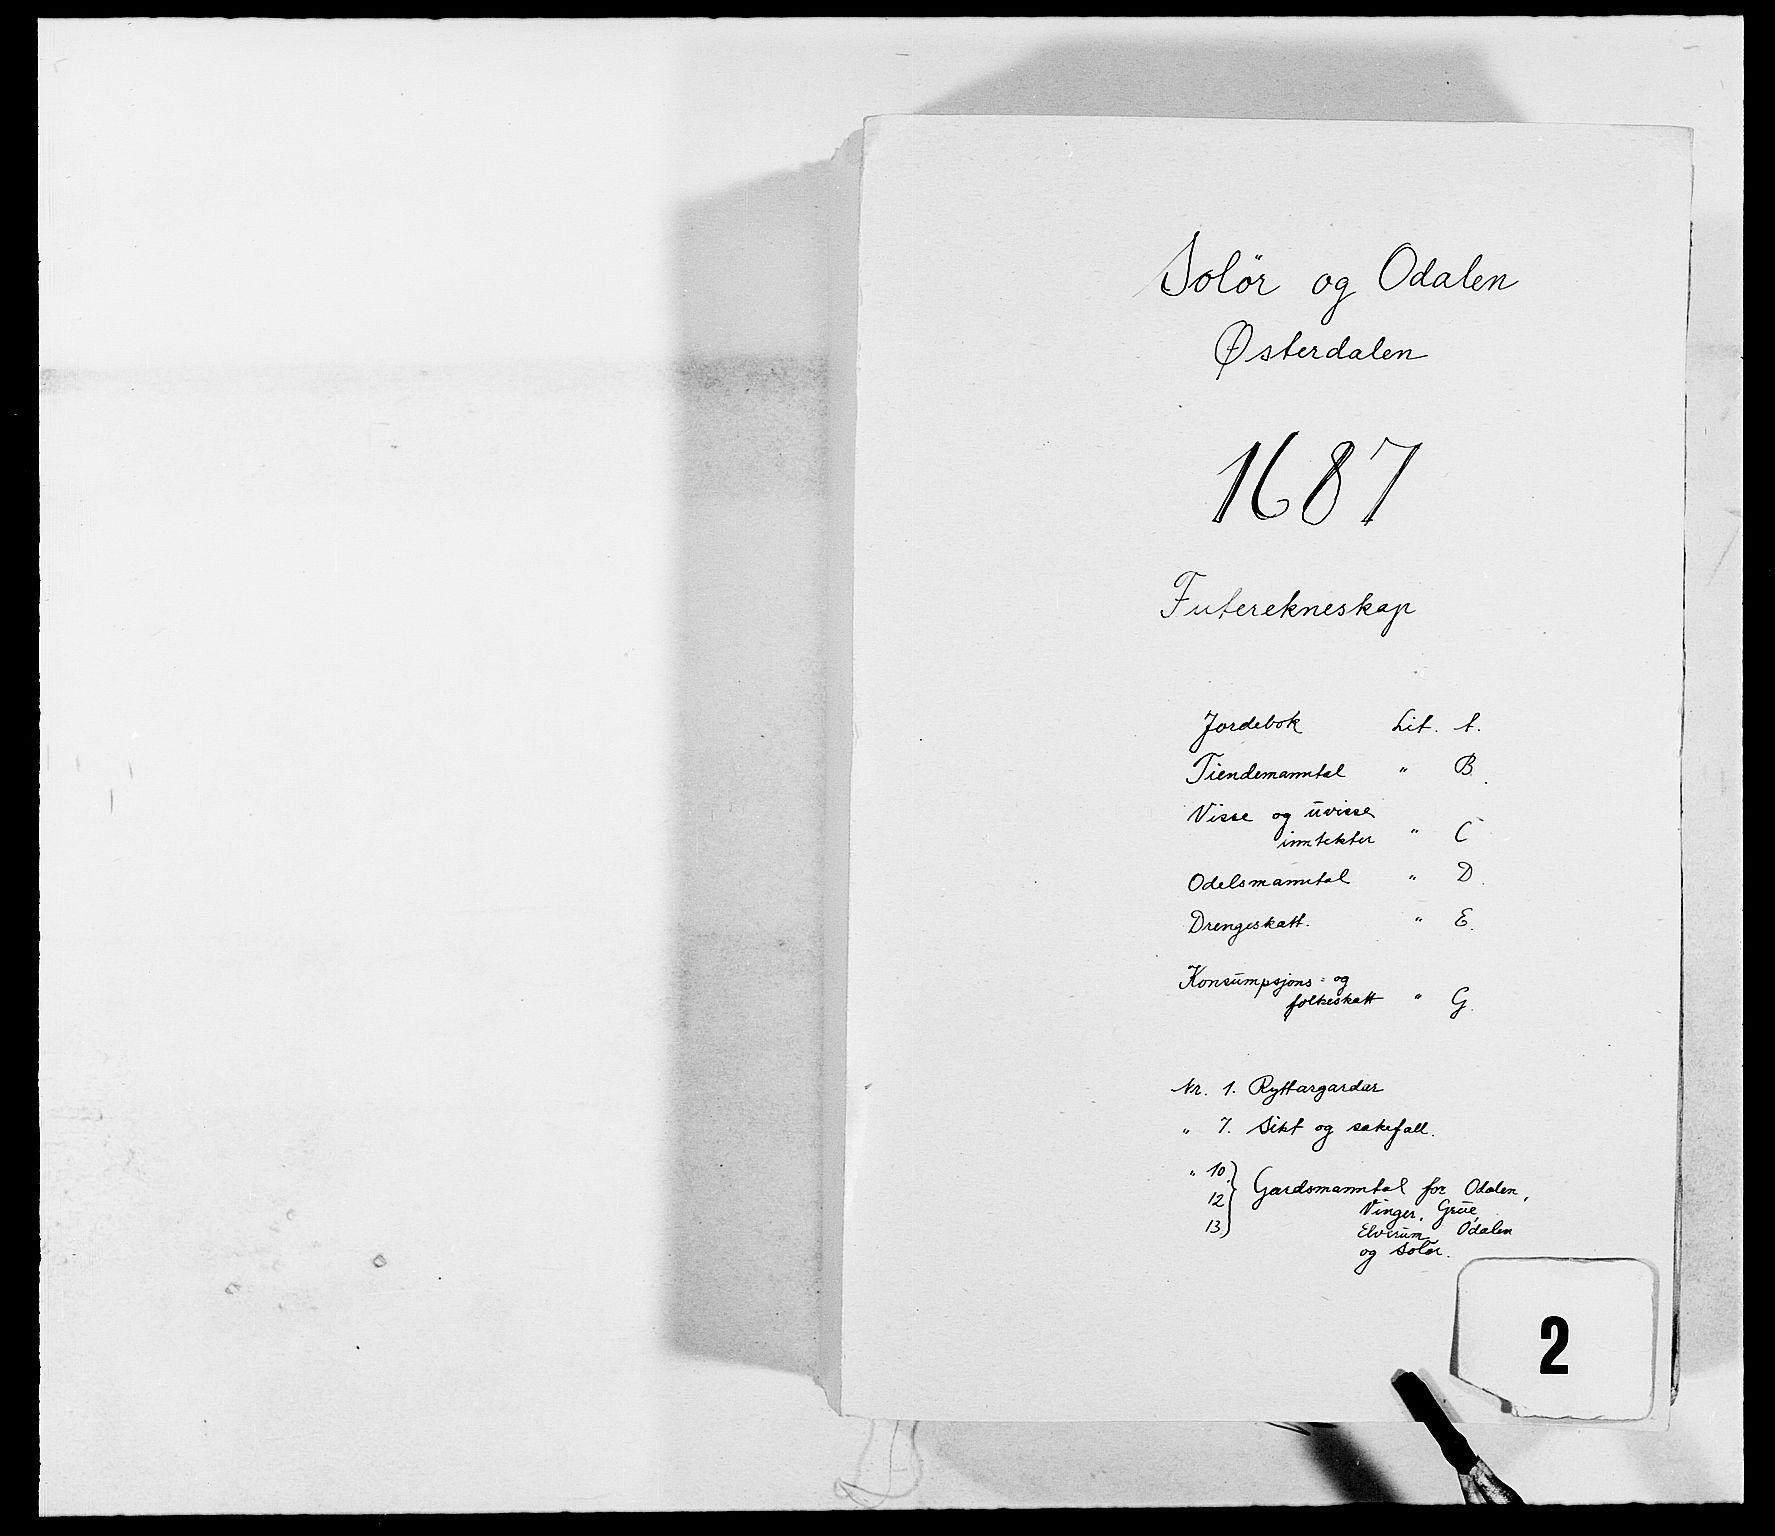 RA, Rentekammeret inntil 1814, Reviderte regnskaper, Fogderegnskap, R13/L0824: Fogderegnskap Solør, Odal og Østerdal, 1687, s. 1